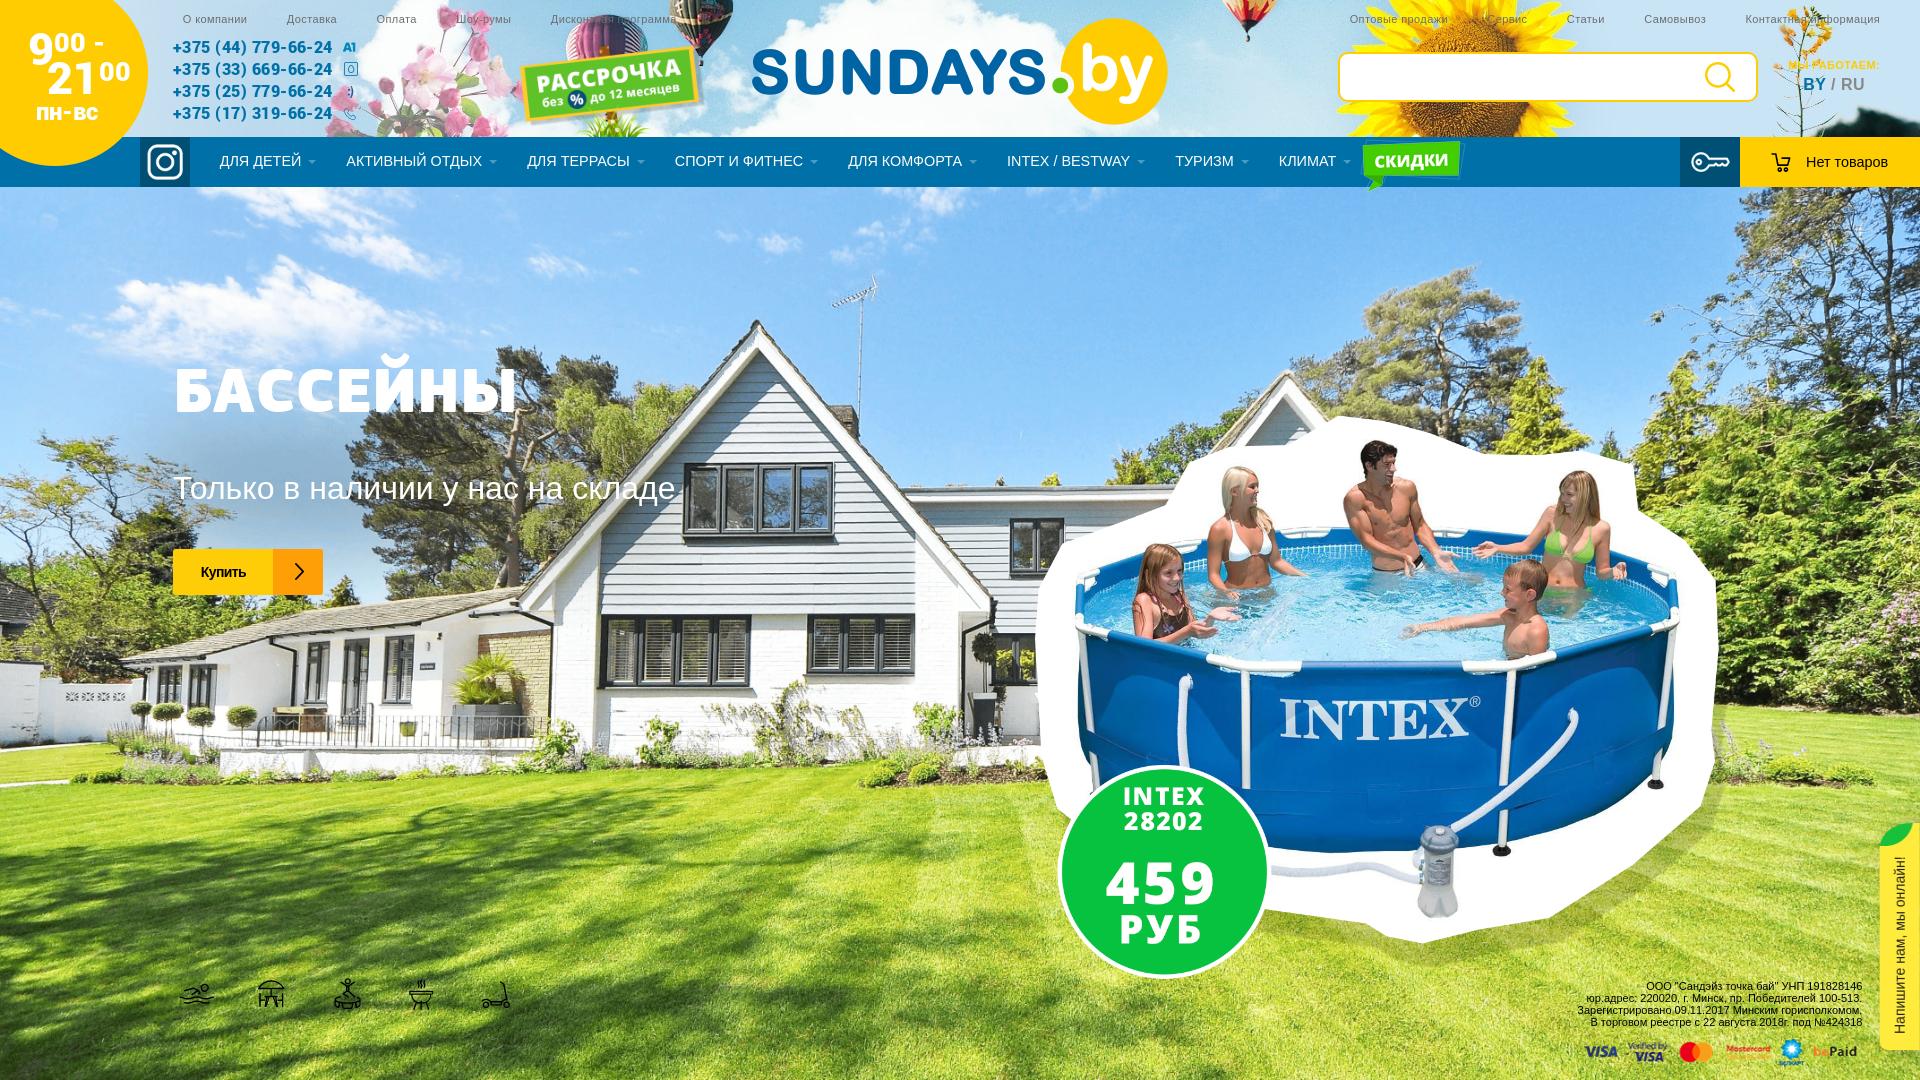 Sundays BY website